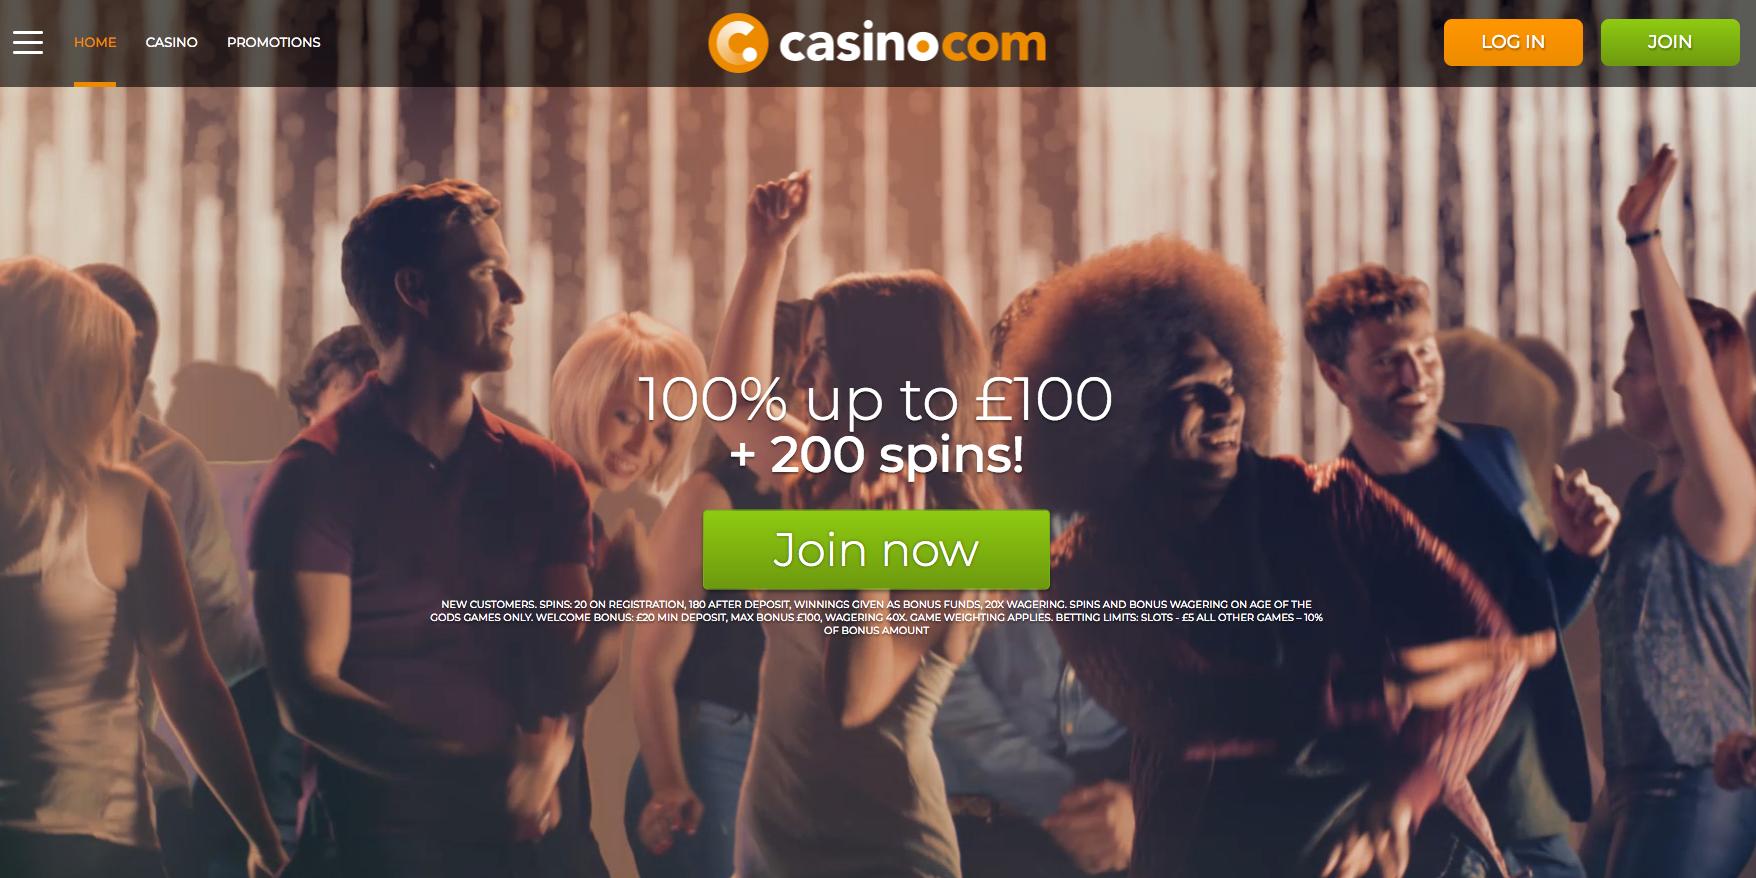 Casino.com Casino Bonuses